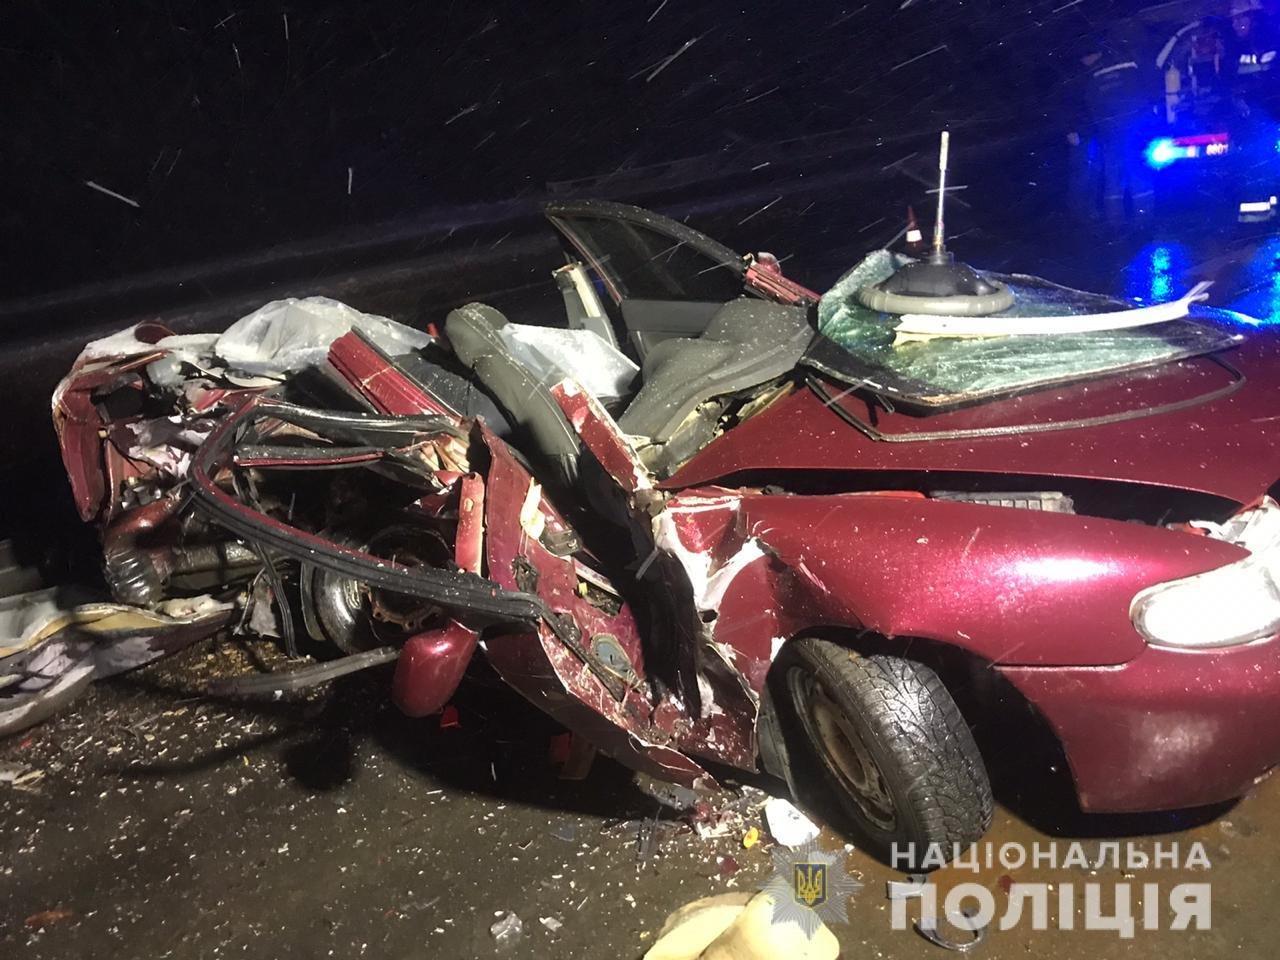 Жуткая авария с пятью погибшими на Харьковщине: выжившего водителя будут судить, - ФОТО, фото-2